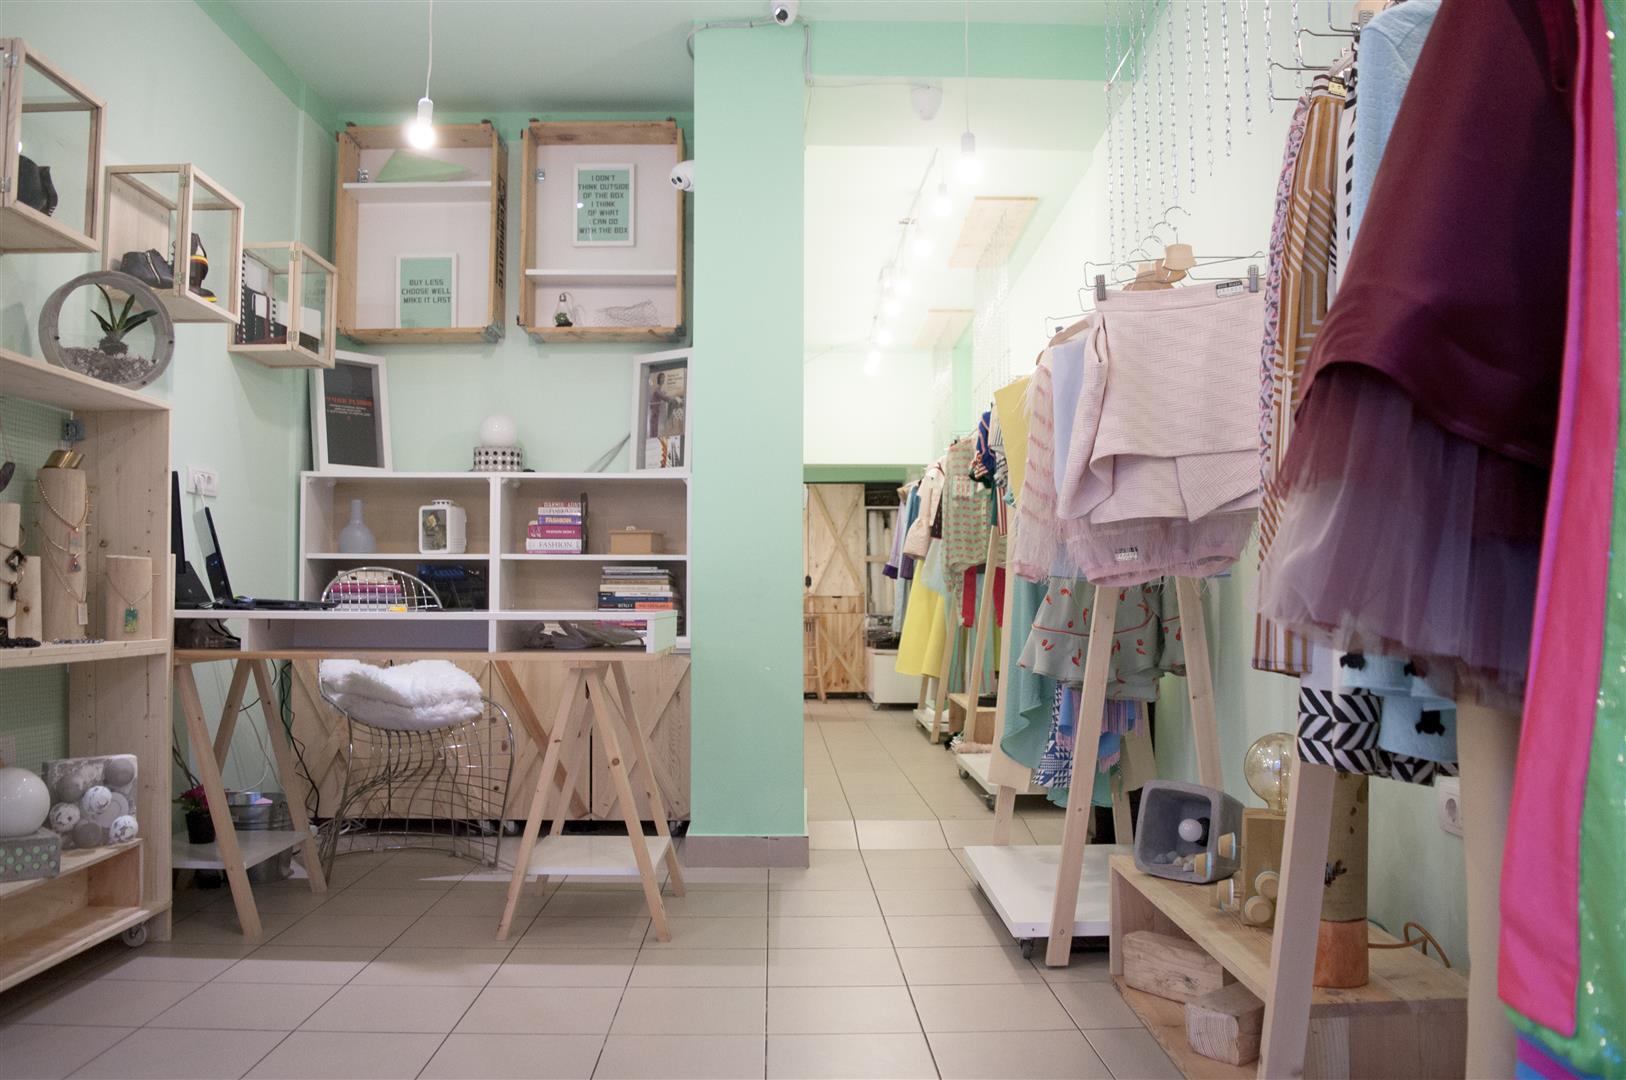 01 Biro354c Biro 354c: Prva koncept radnja održive mode u Beogradu